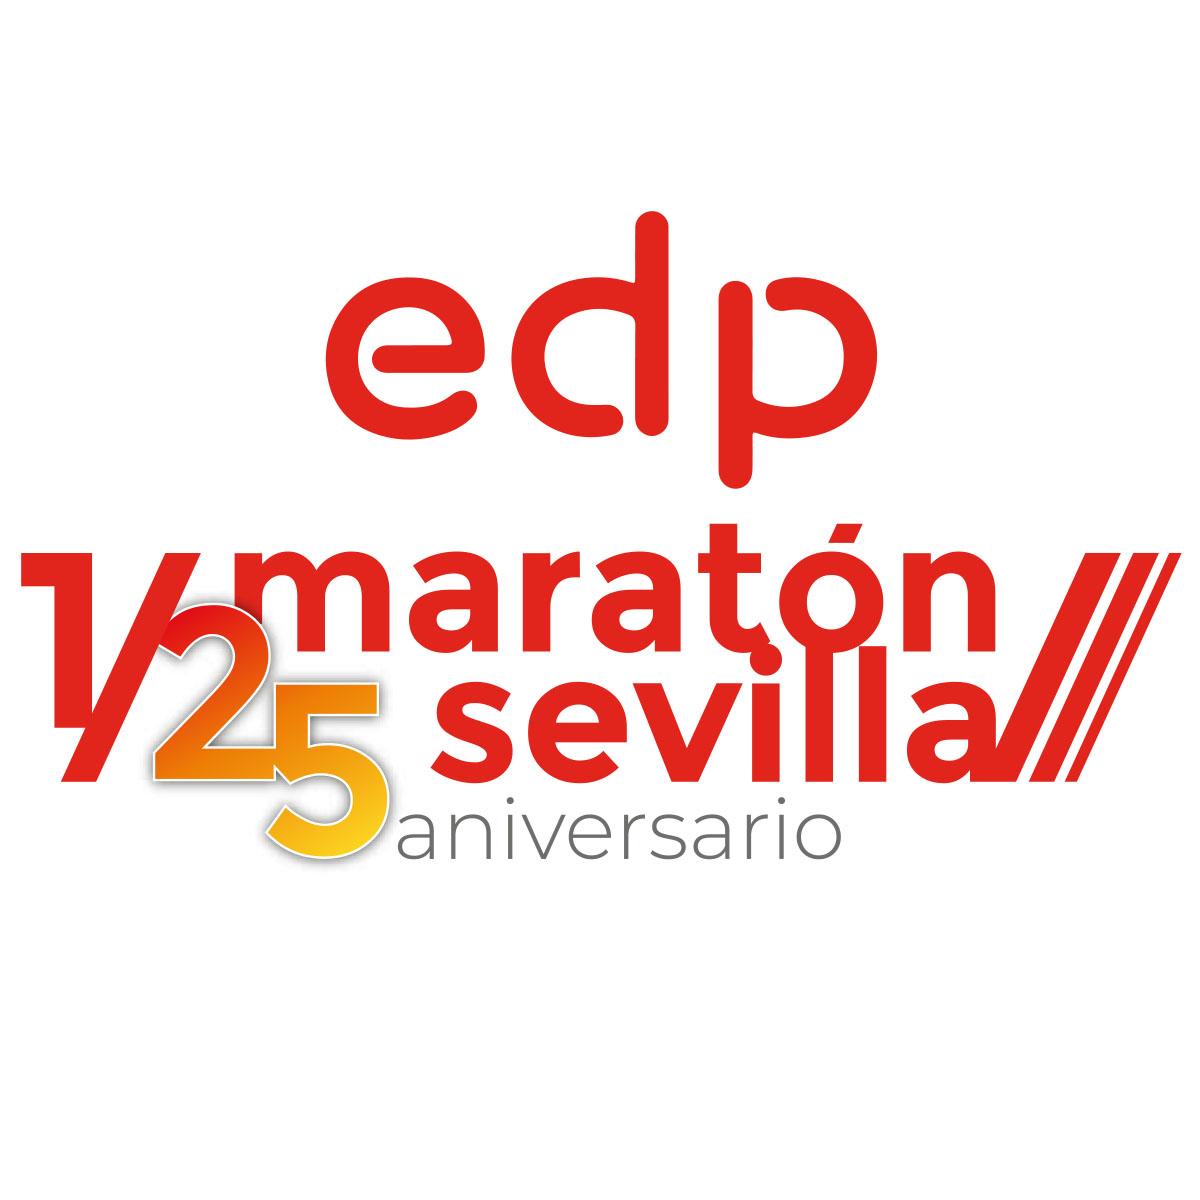 medio-maraton-25-sevilla-aniversario_0000